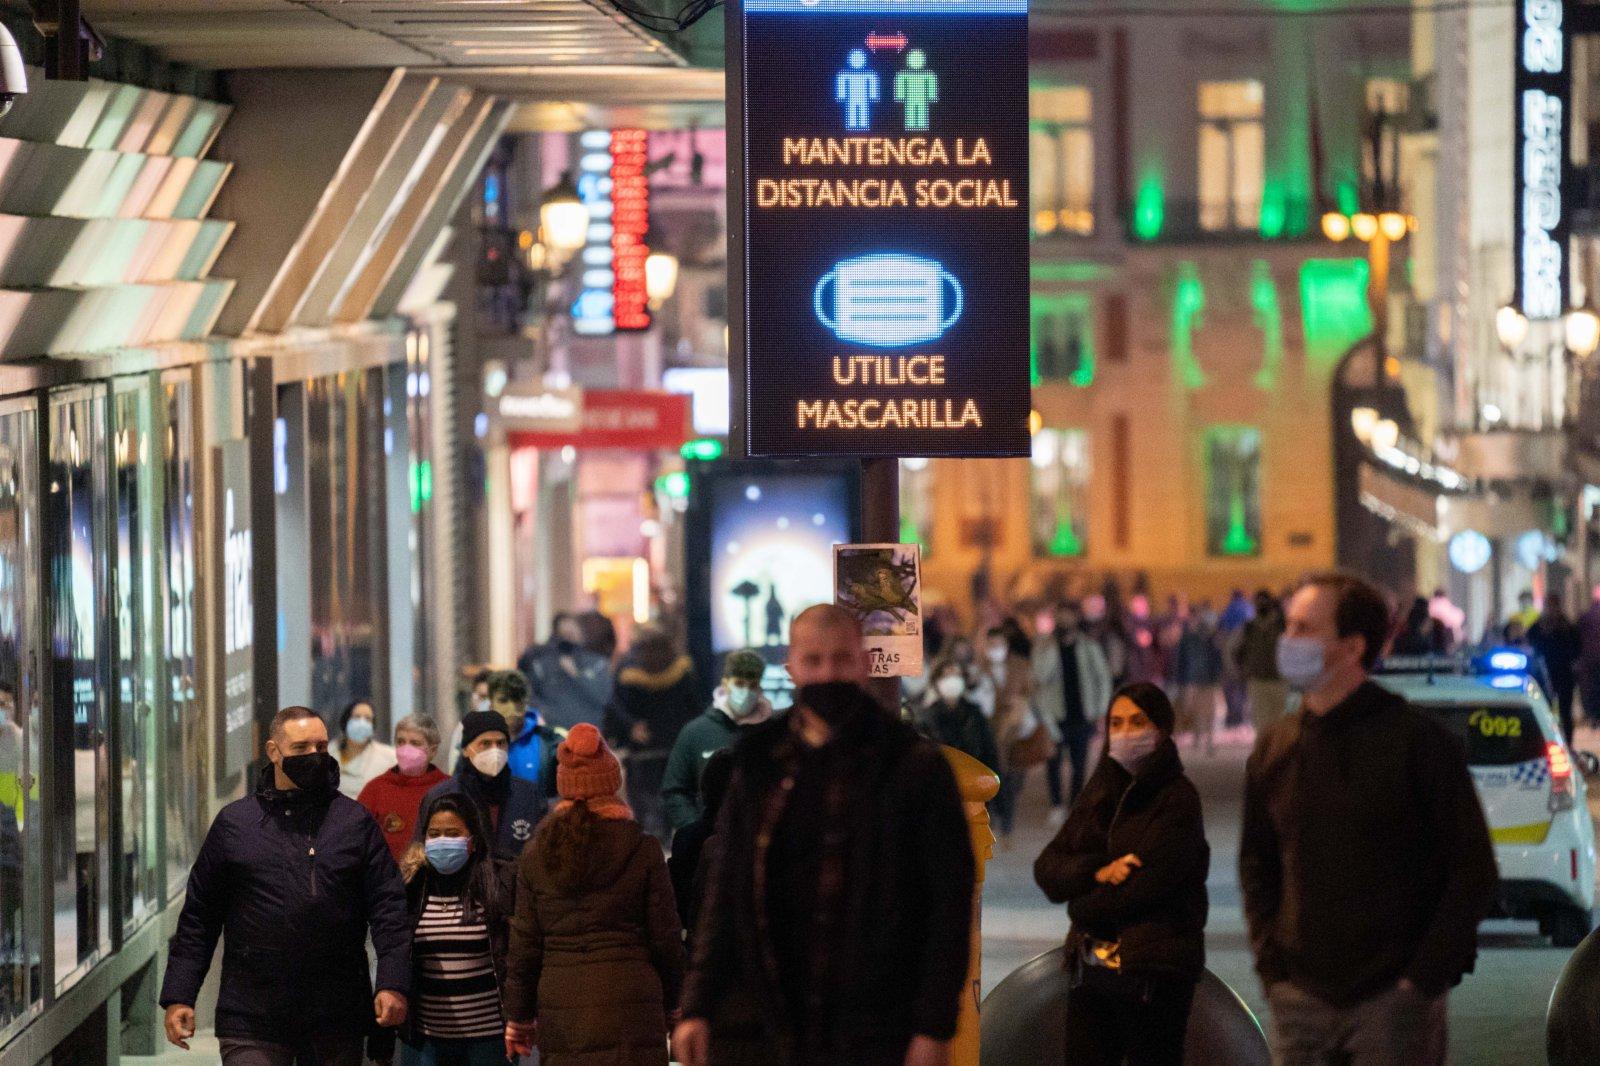 2月4日,佩戴口罩的市民走過西班牙馬德里卡利亞奧廣場。(新華社)